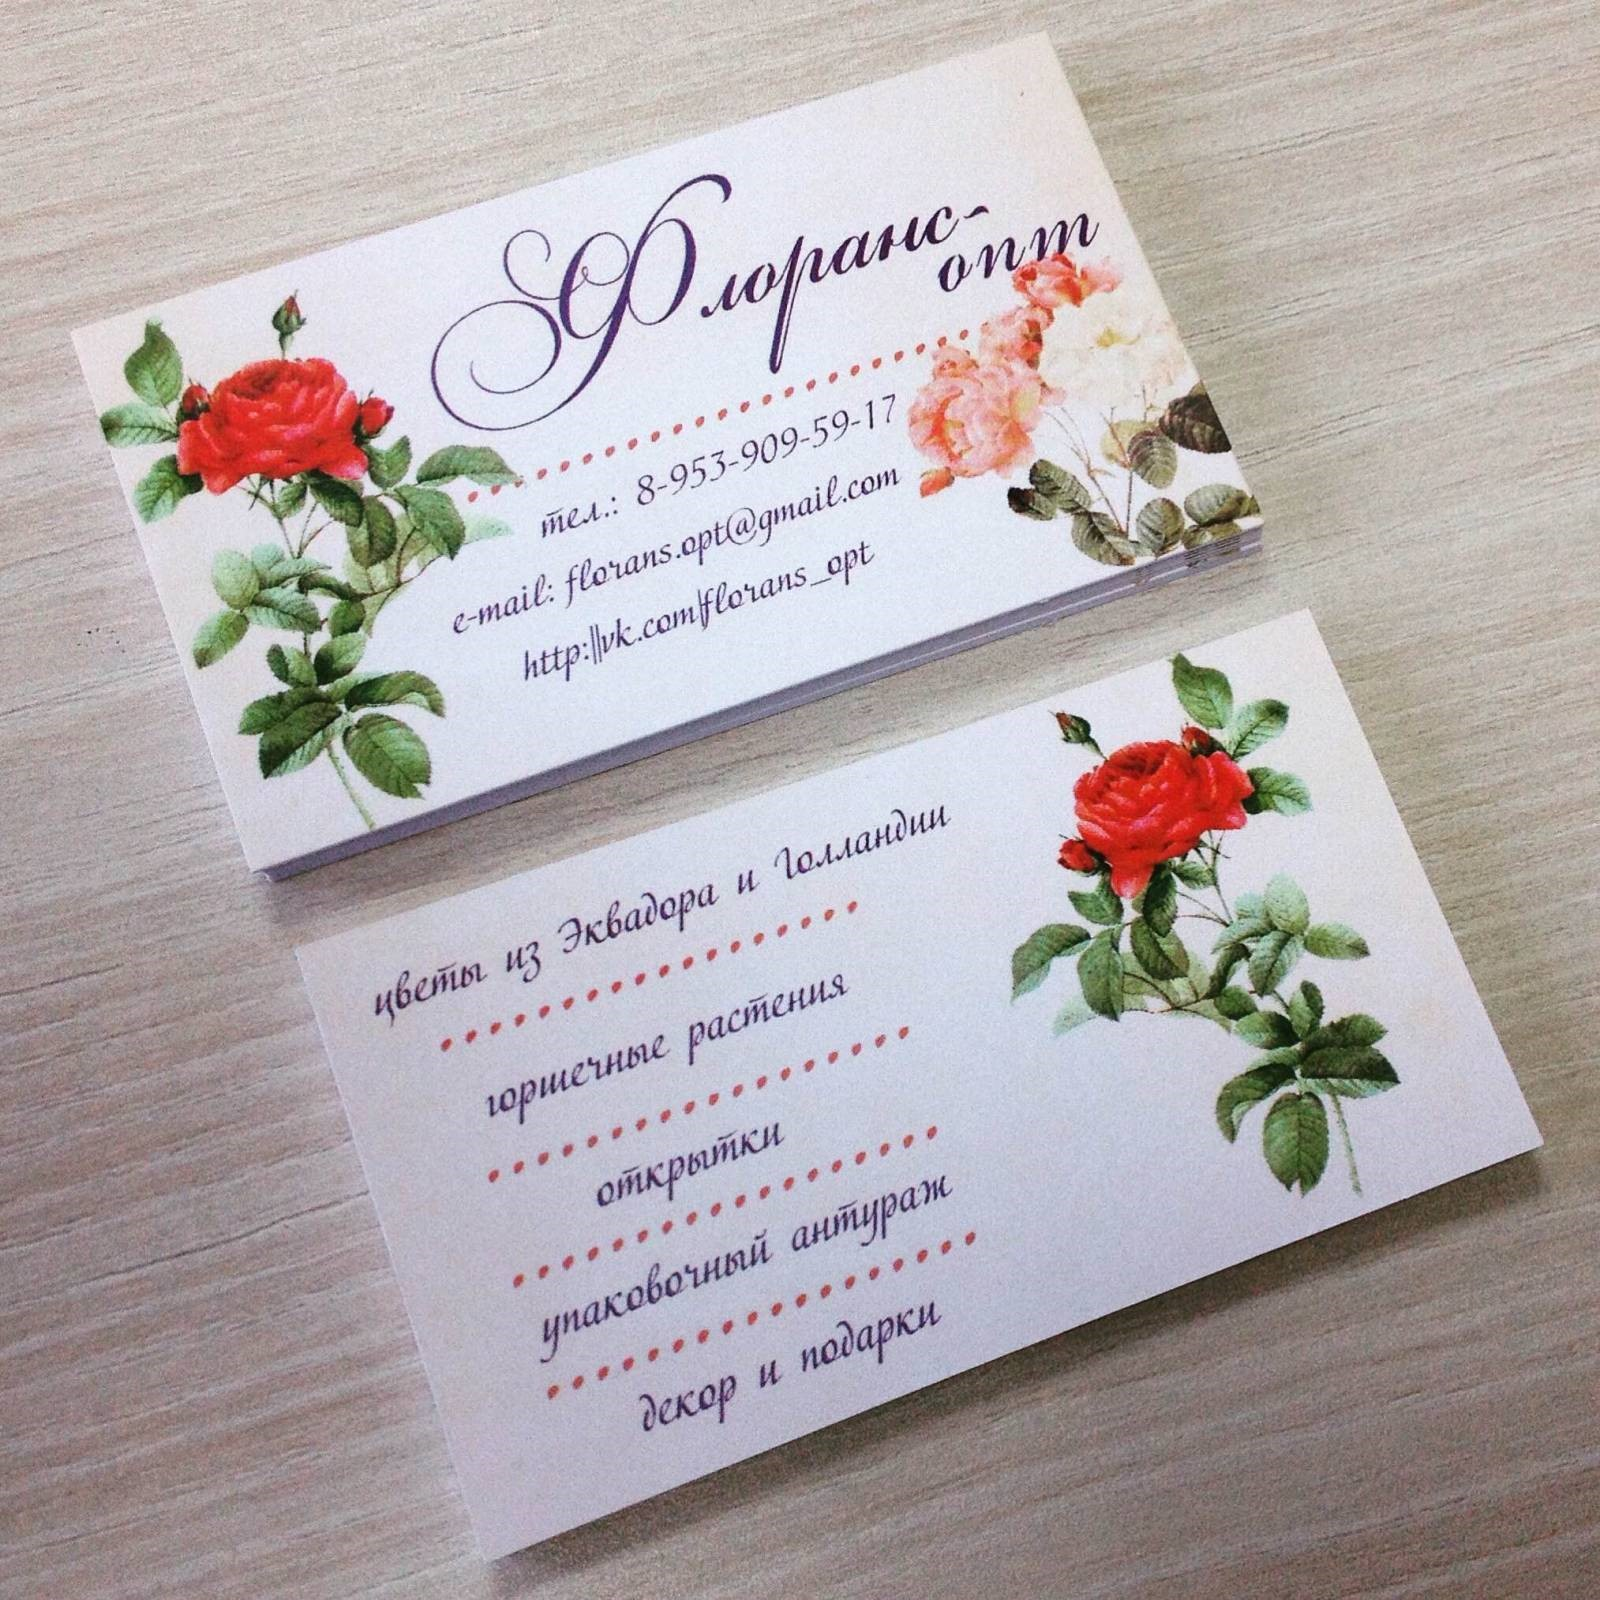 Визитки для цветочного магазина в Москве | фото 6